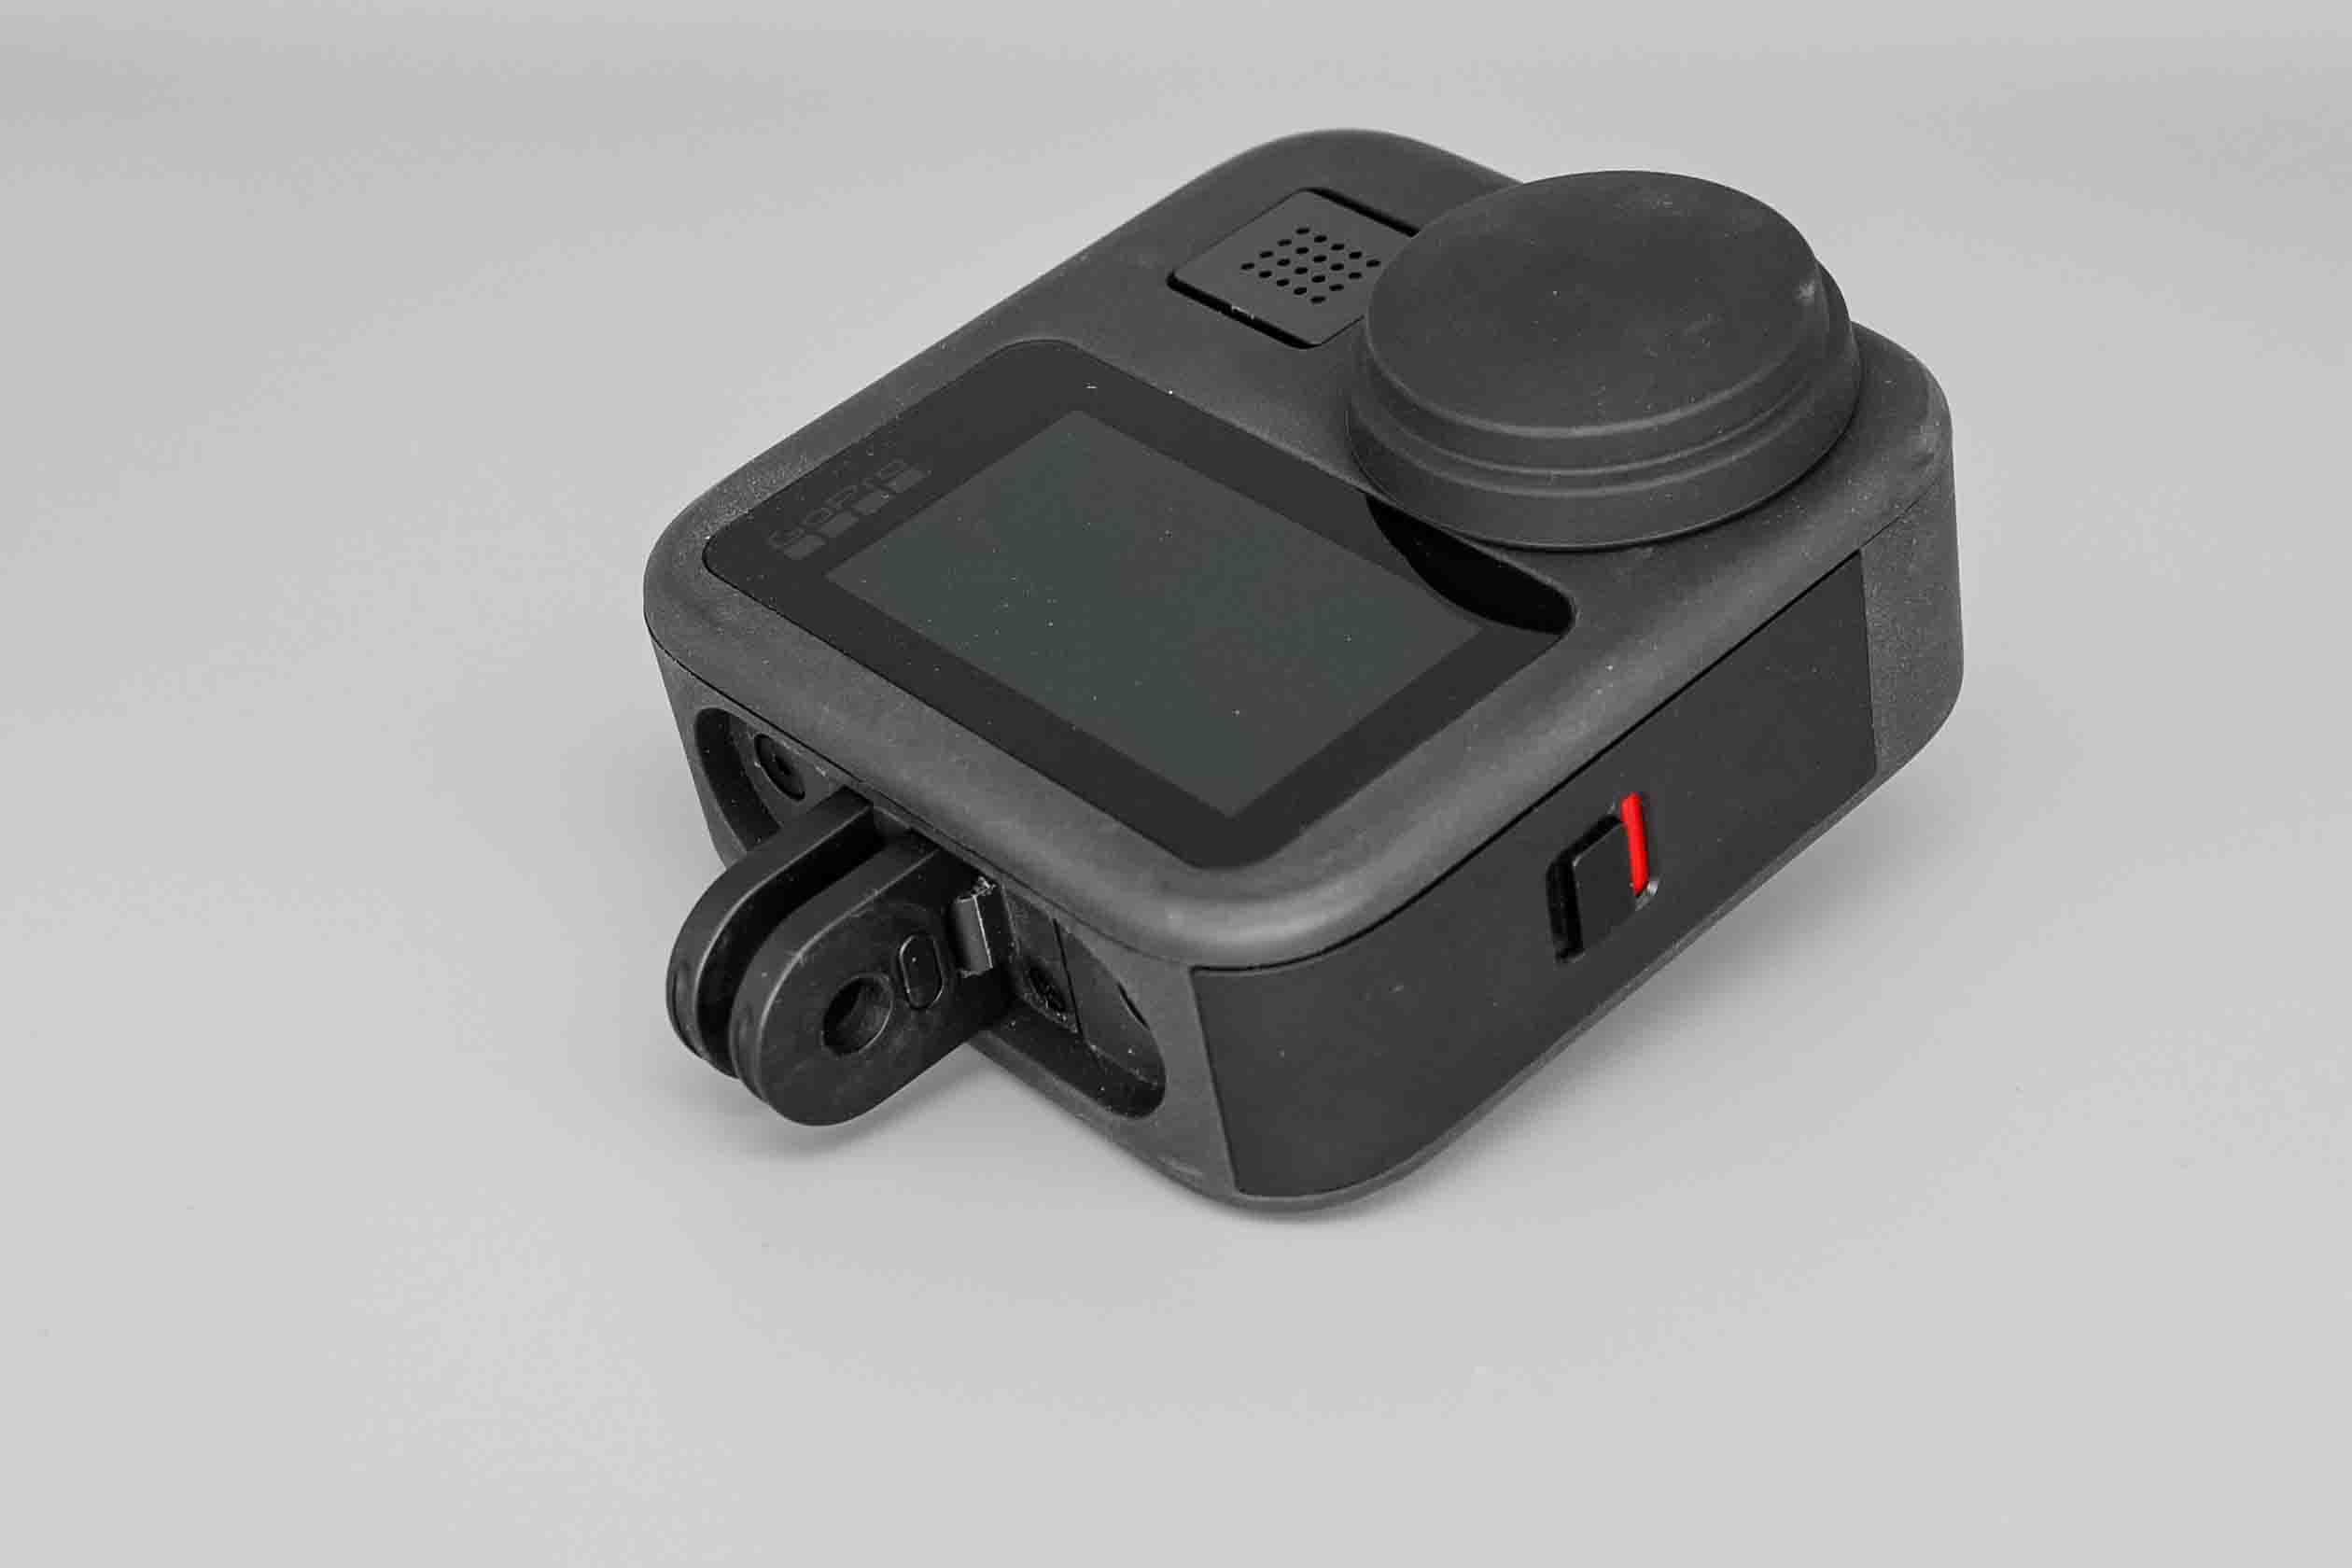 【最高のおすすめアクションカメラ】GoPro MAXを開封してみる編【外観レビュー】